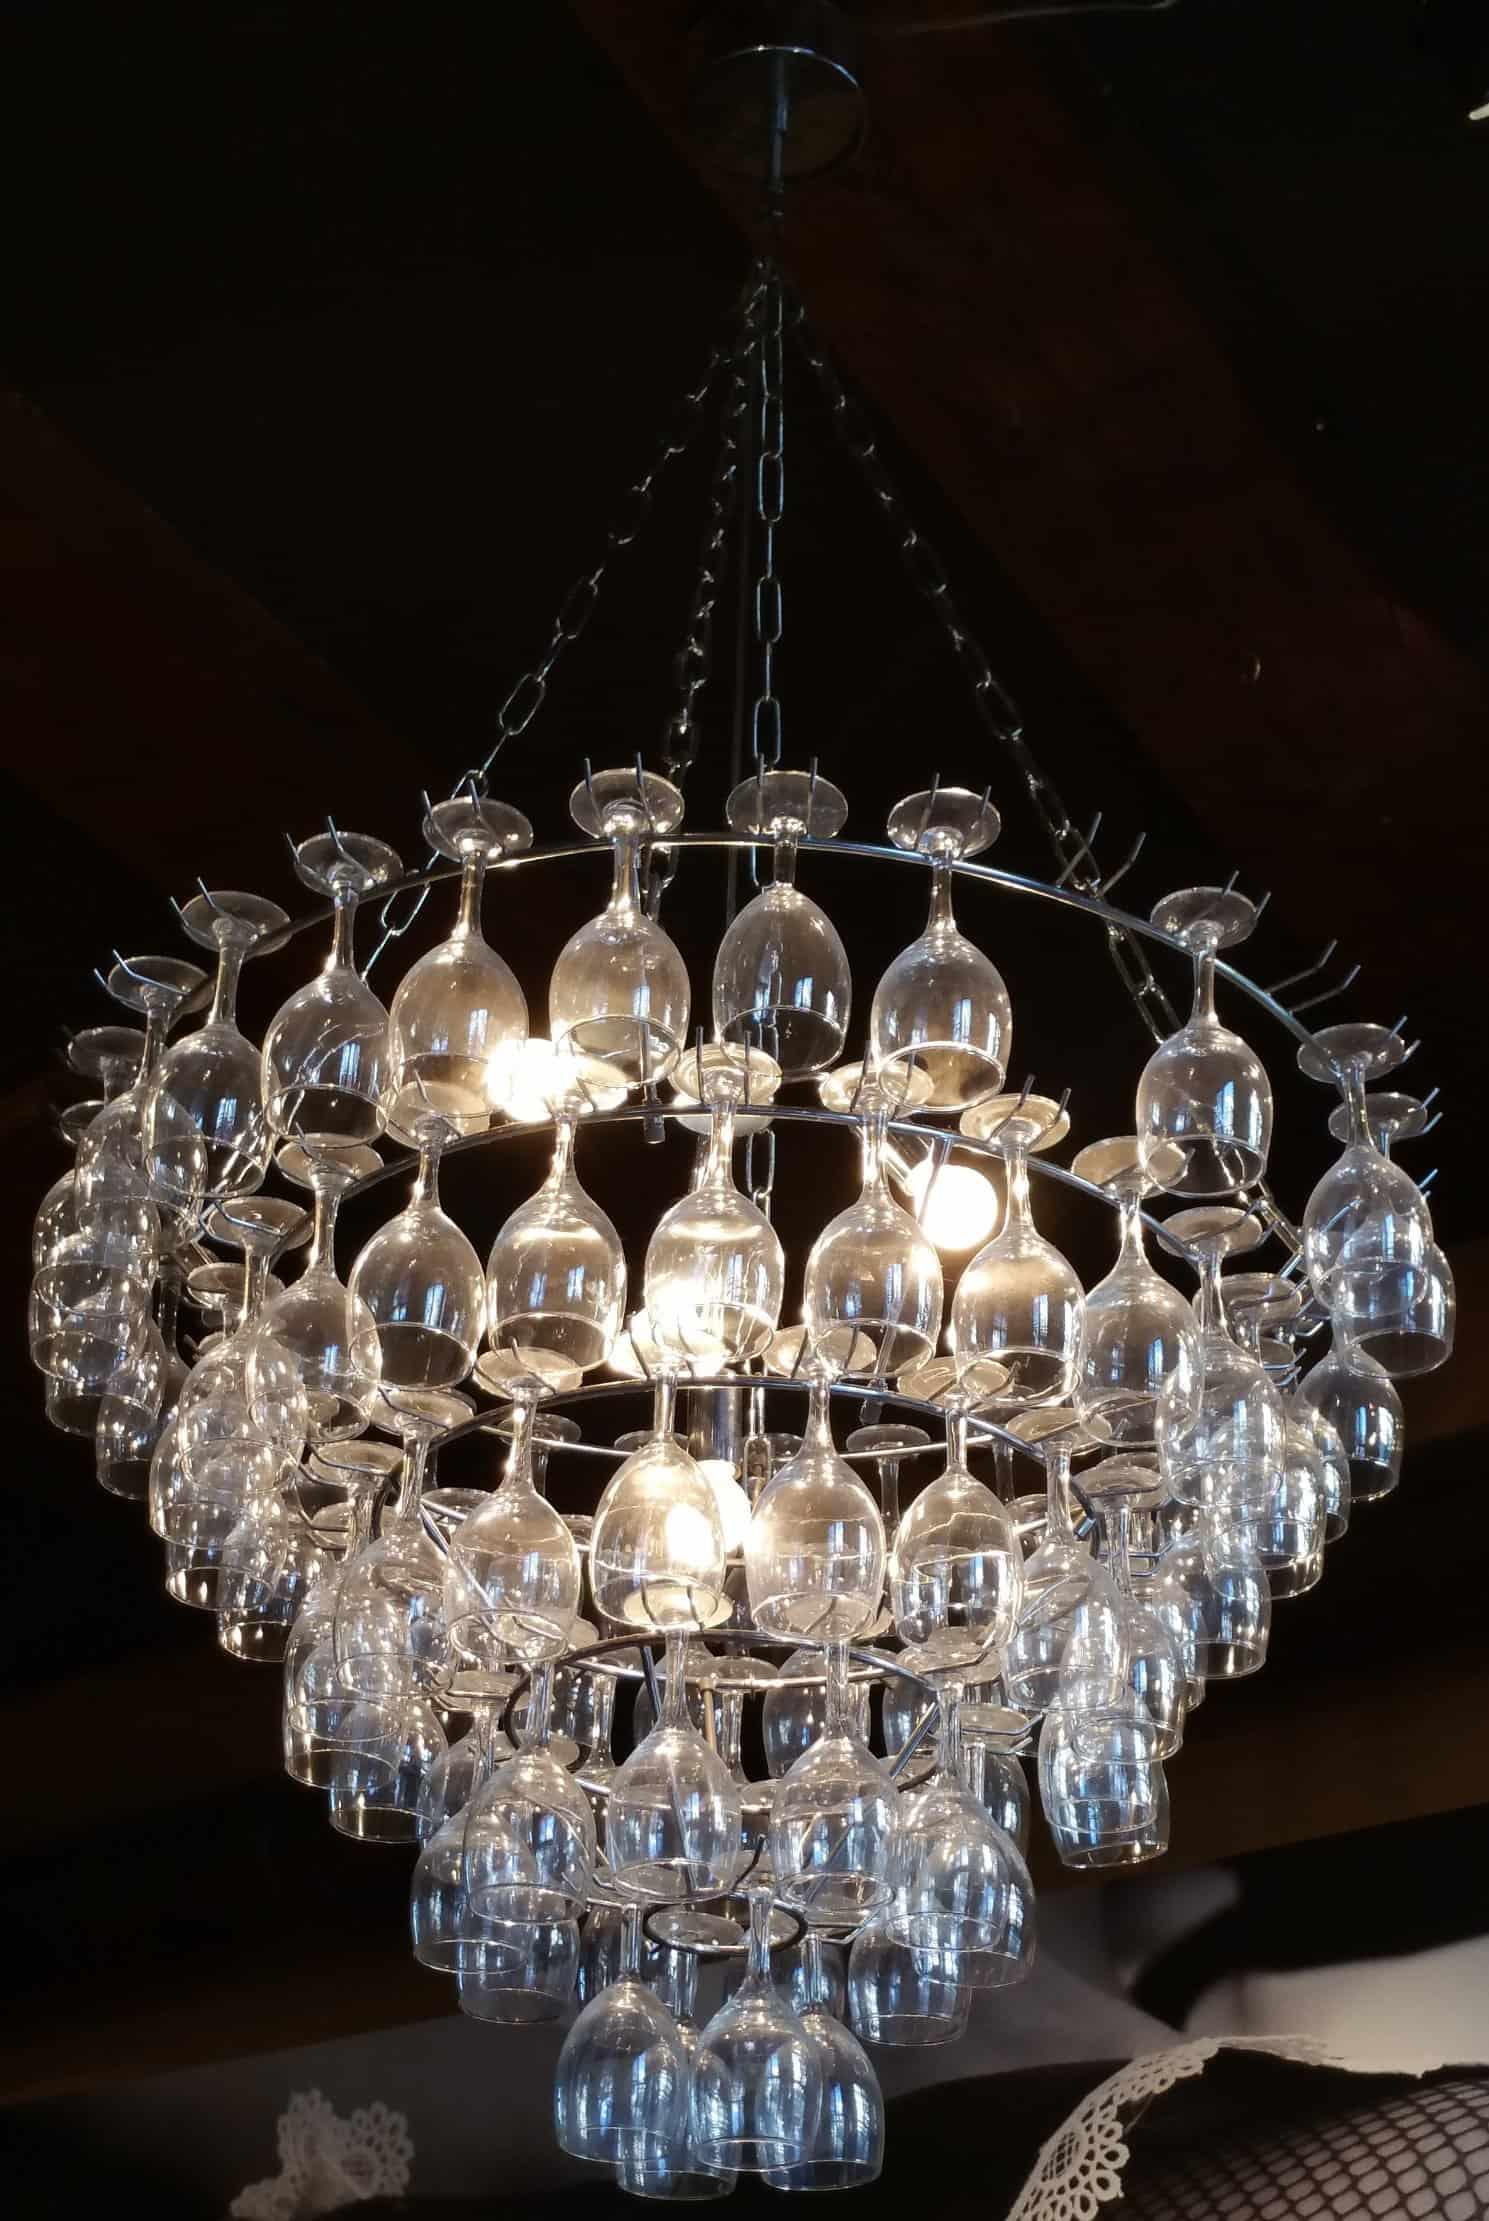 Bekend Zelf Hanglamp Maken. Trendy Zelf Lamp Maken With Zelf Hanglamp @AG13